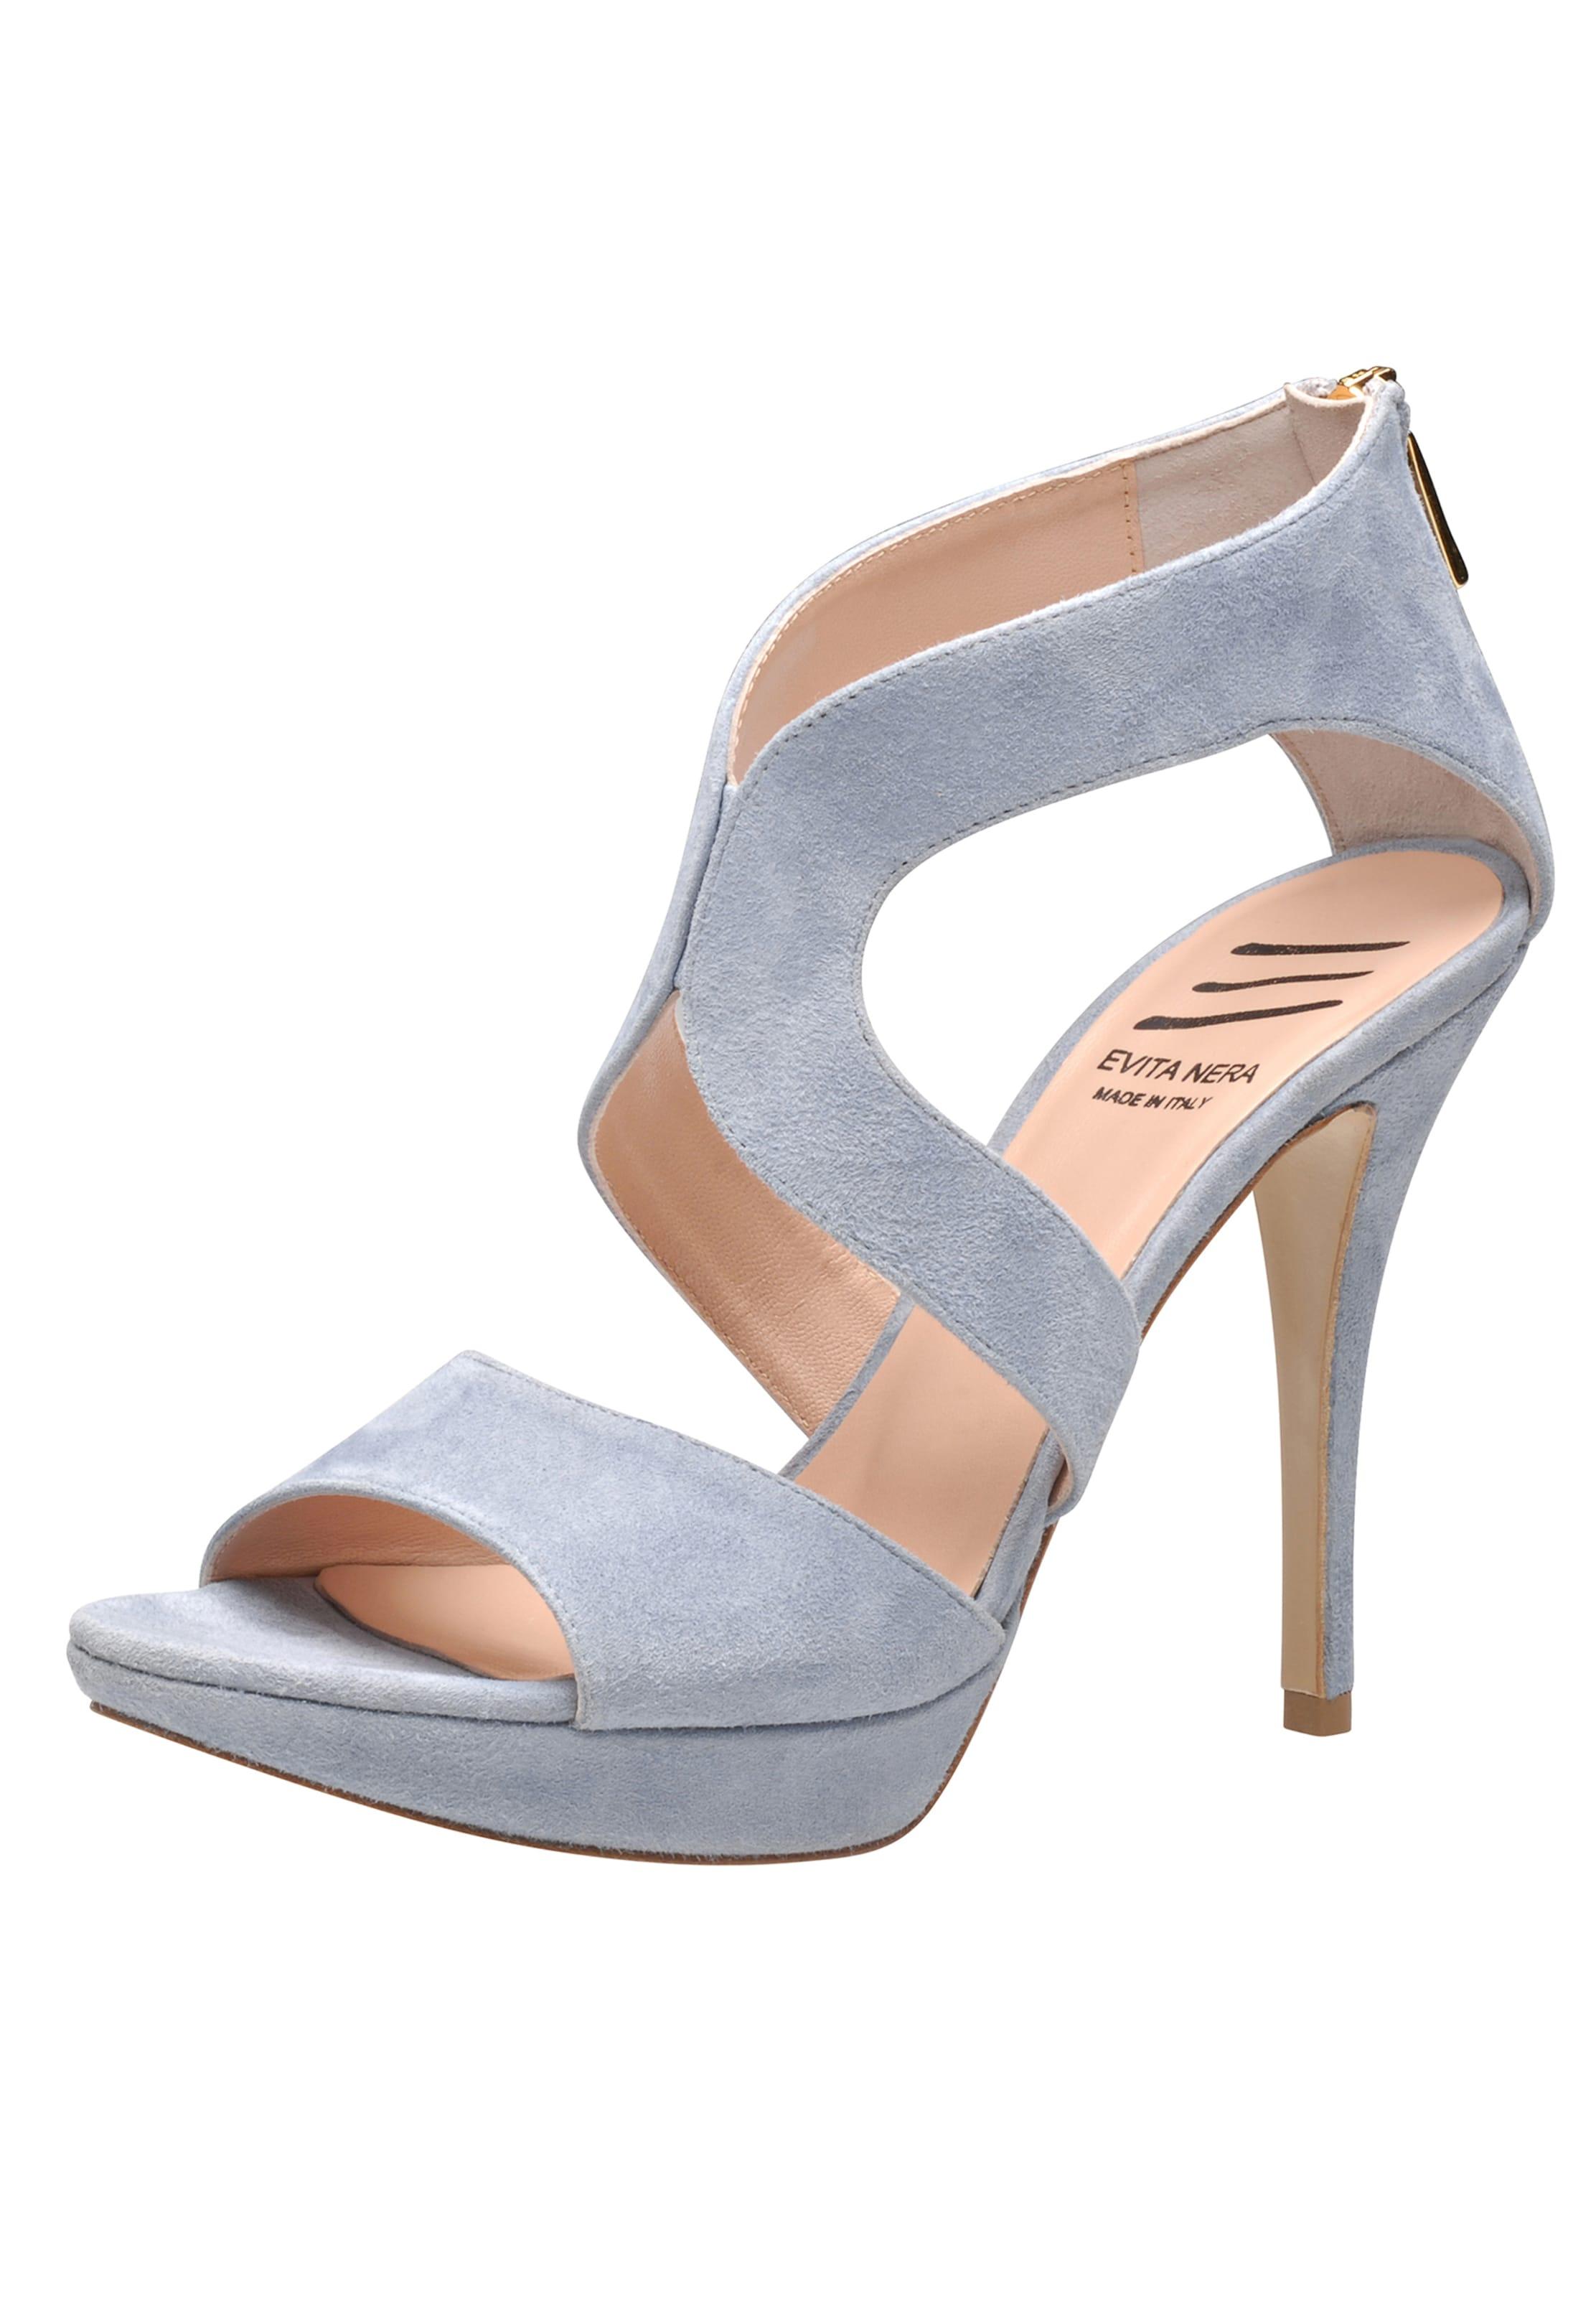 EVITA Sandalette Günstig Kaufen Große Überraschung Verkauf Echten Wo Findet Man pQoPjrp1dI